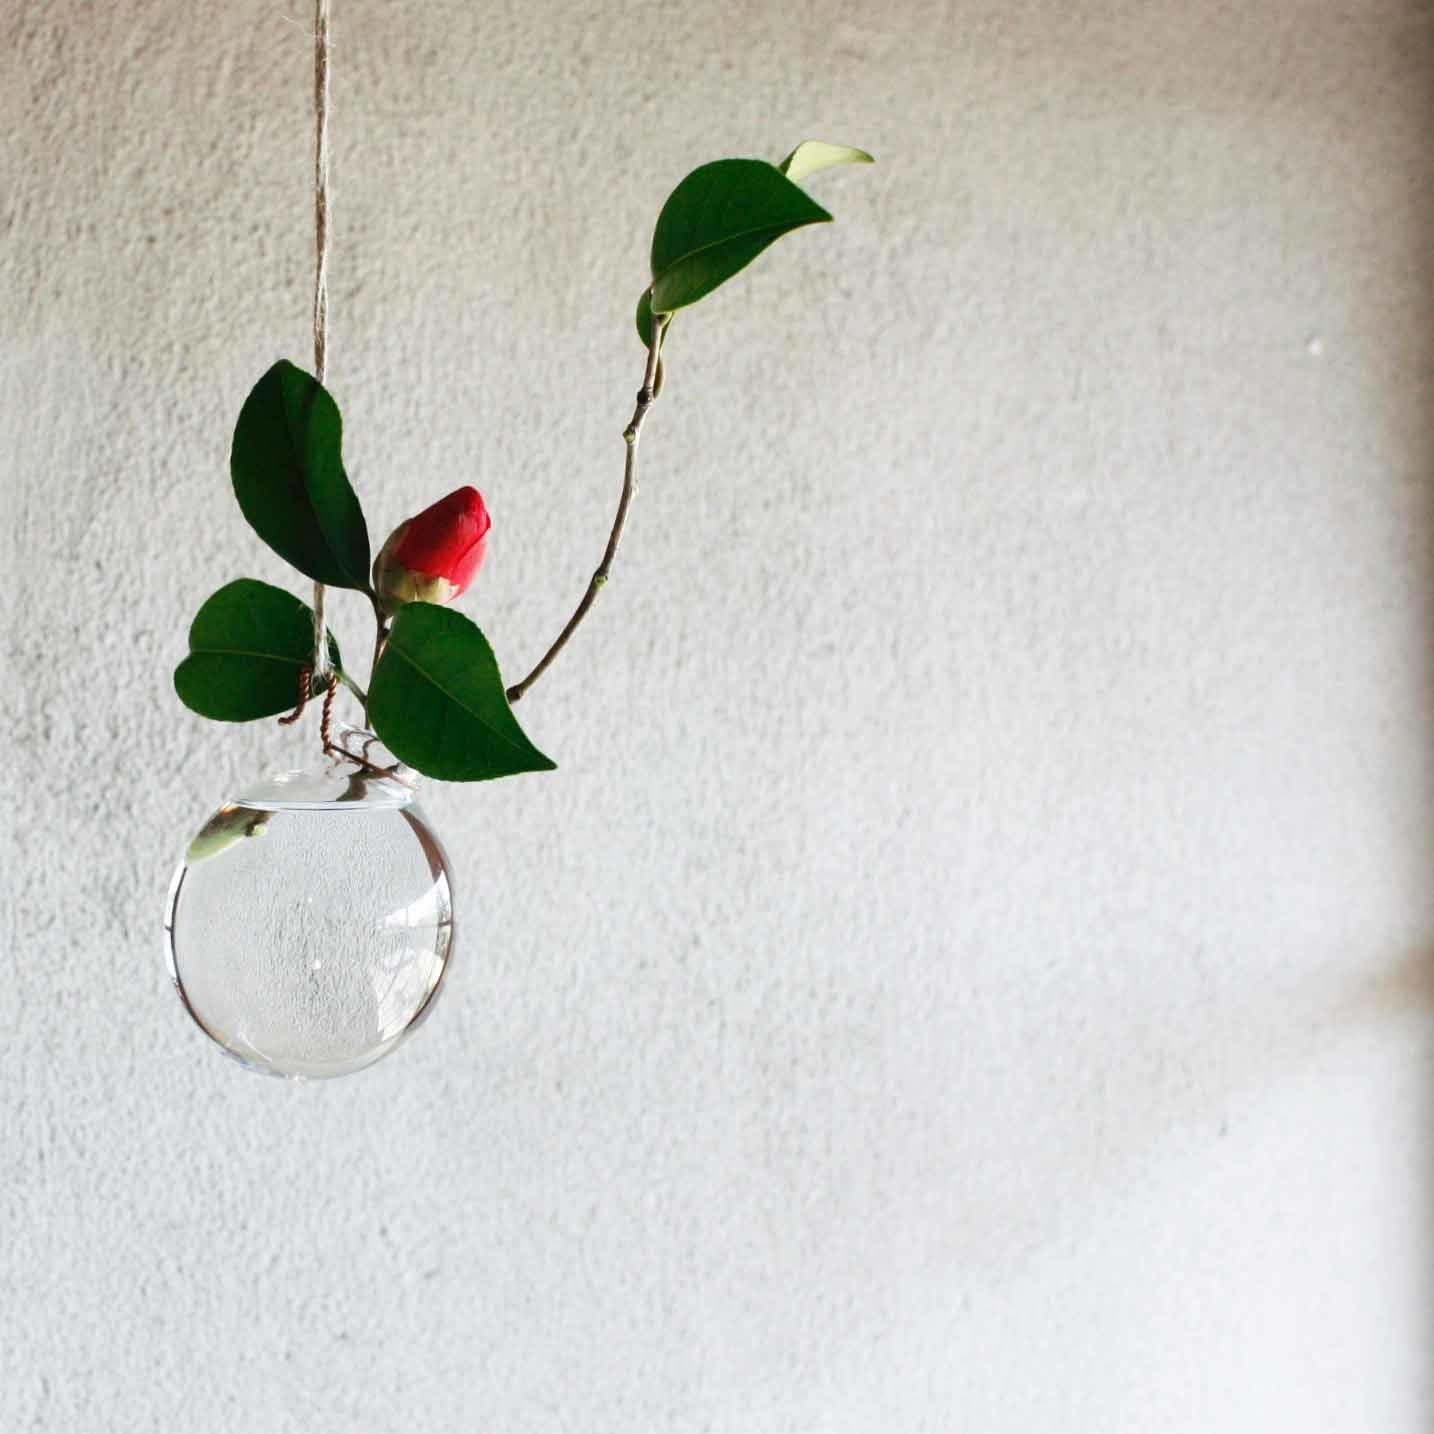 a flower_d0210537_14331477.jpg